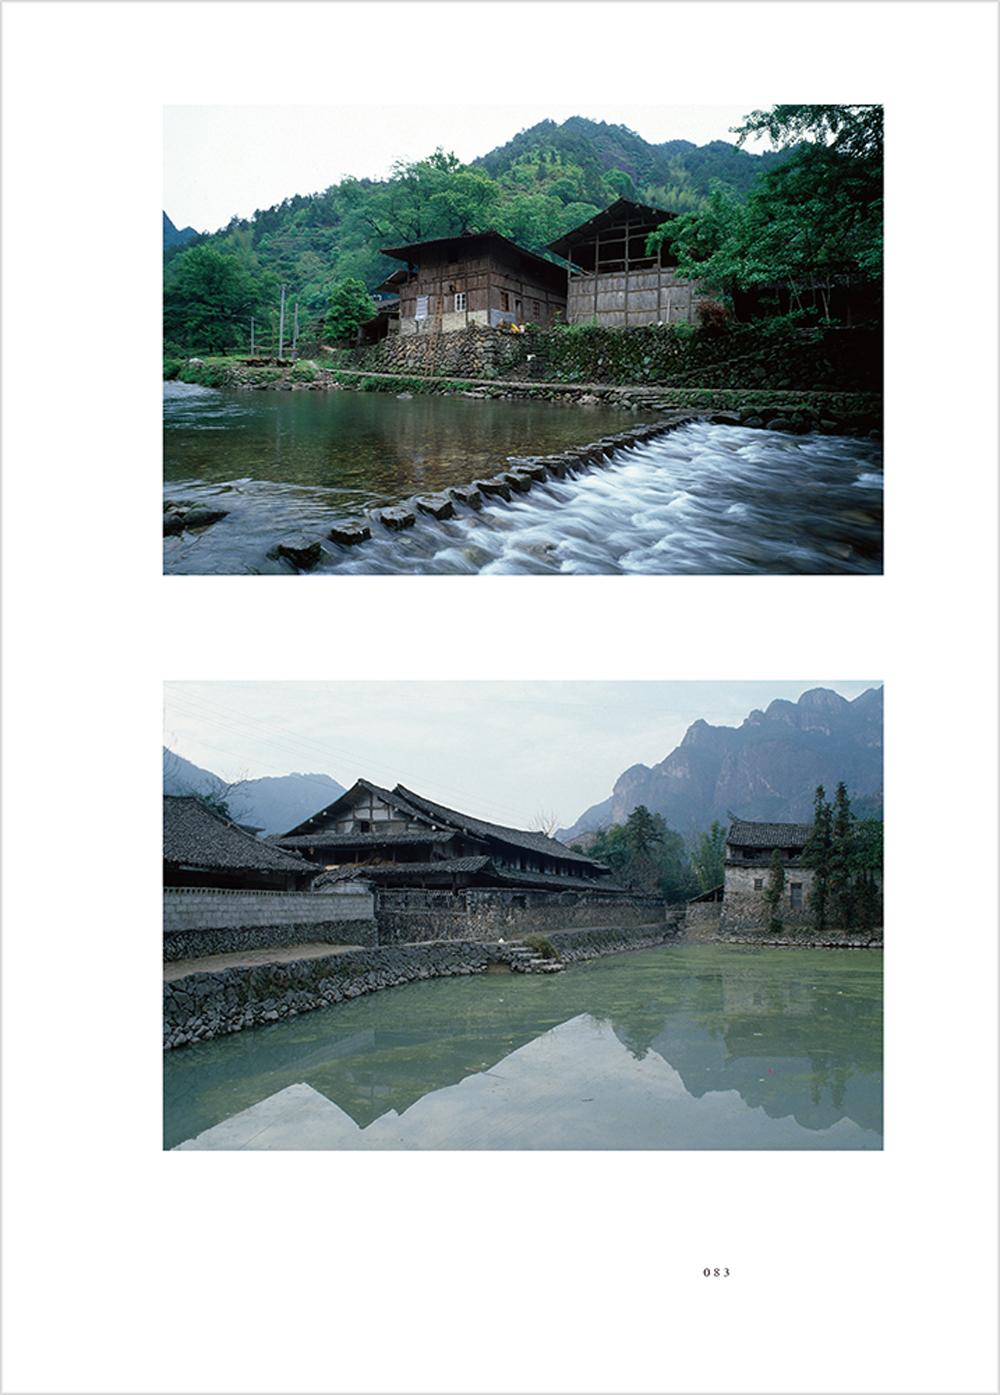 壁纸 风景 山水 摄影 桌面 1000_1395 竖版 竖屏 手机